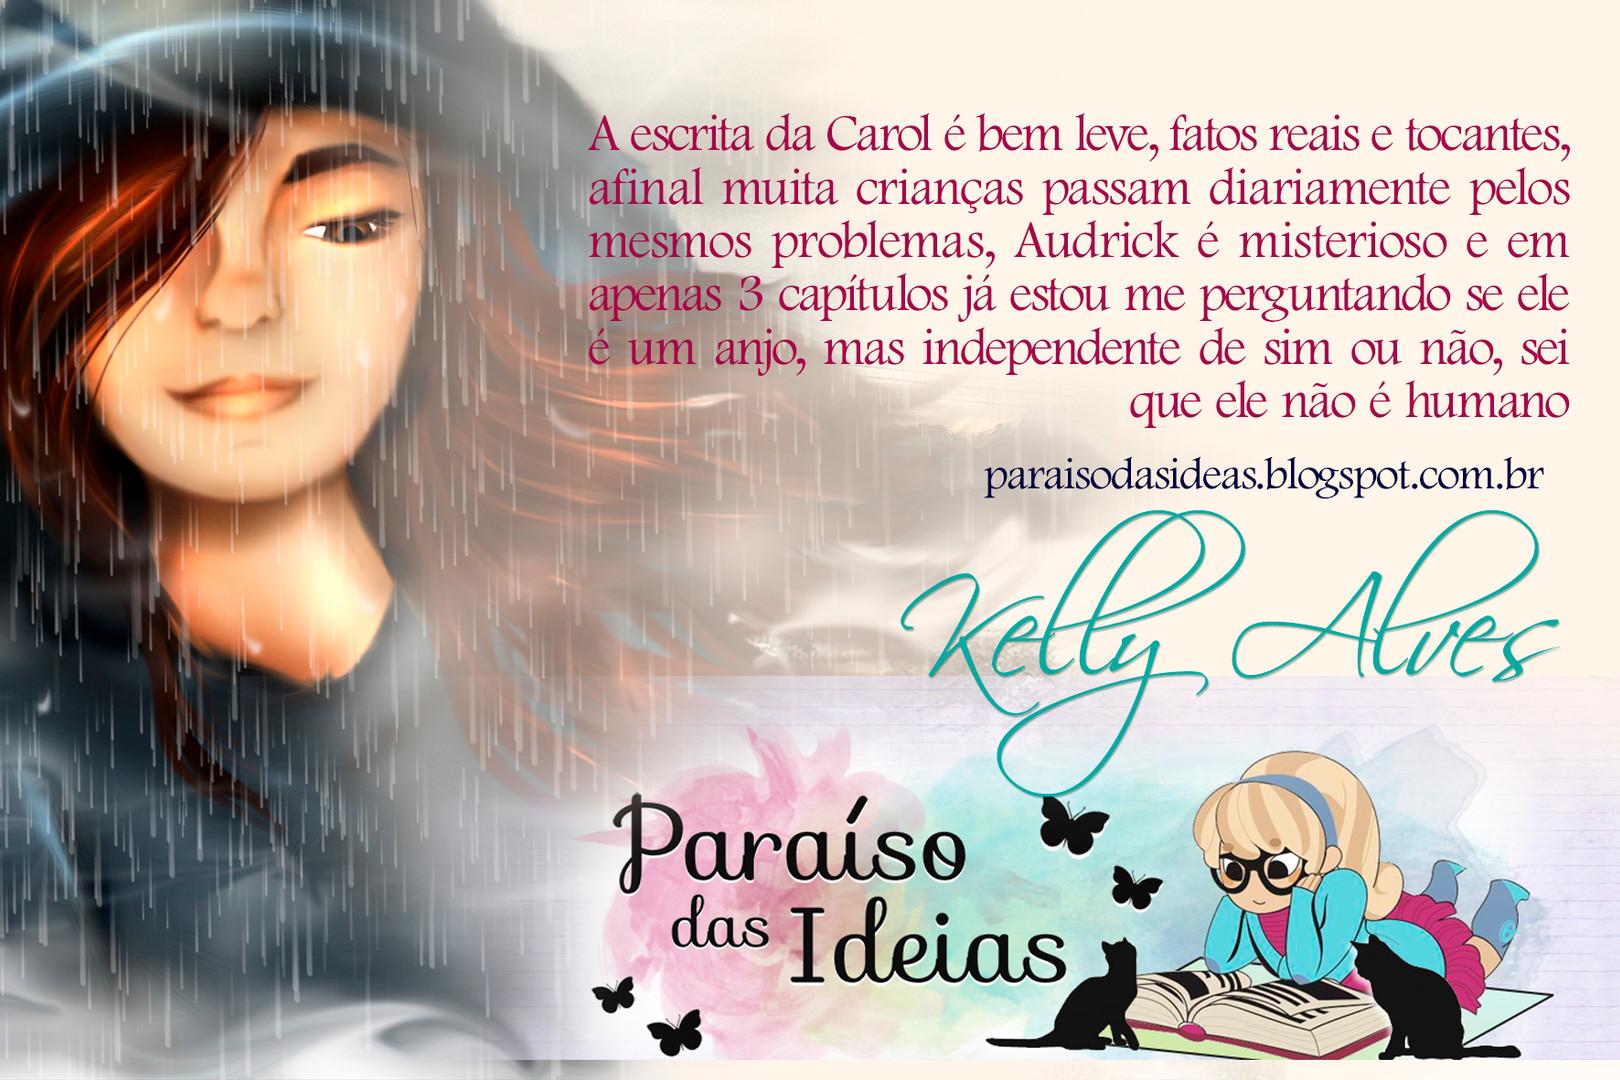 Paraíso_das_Ideias.jpg